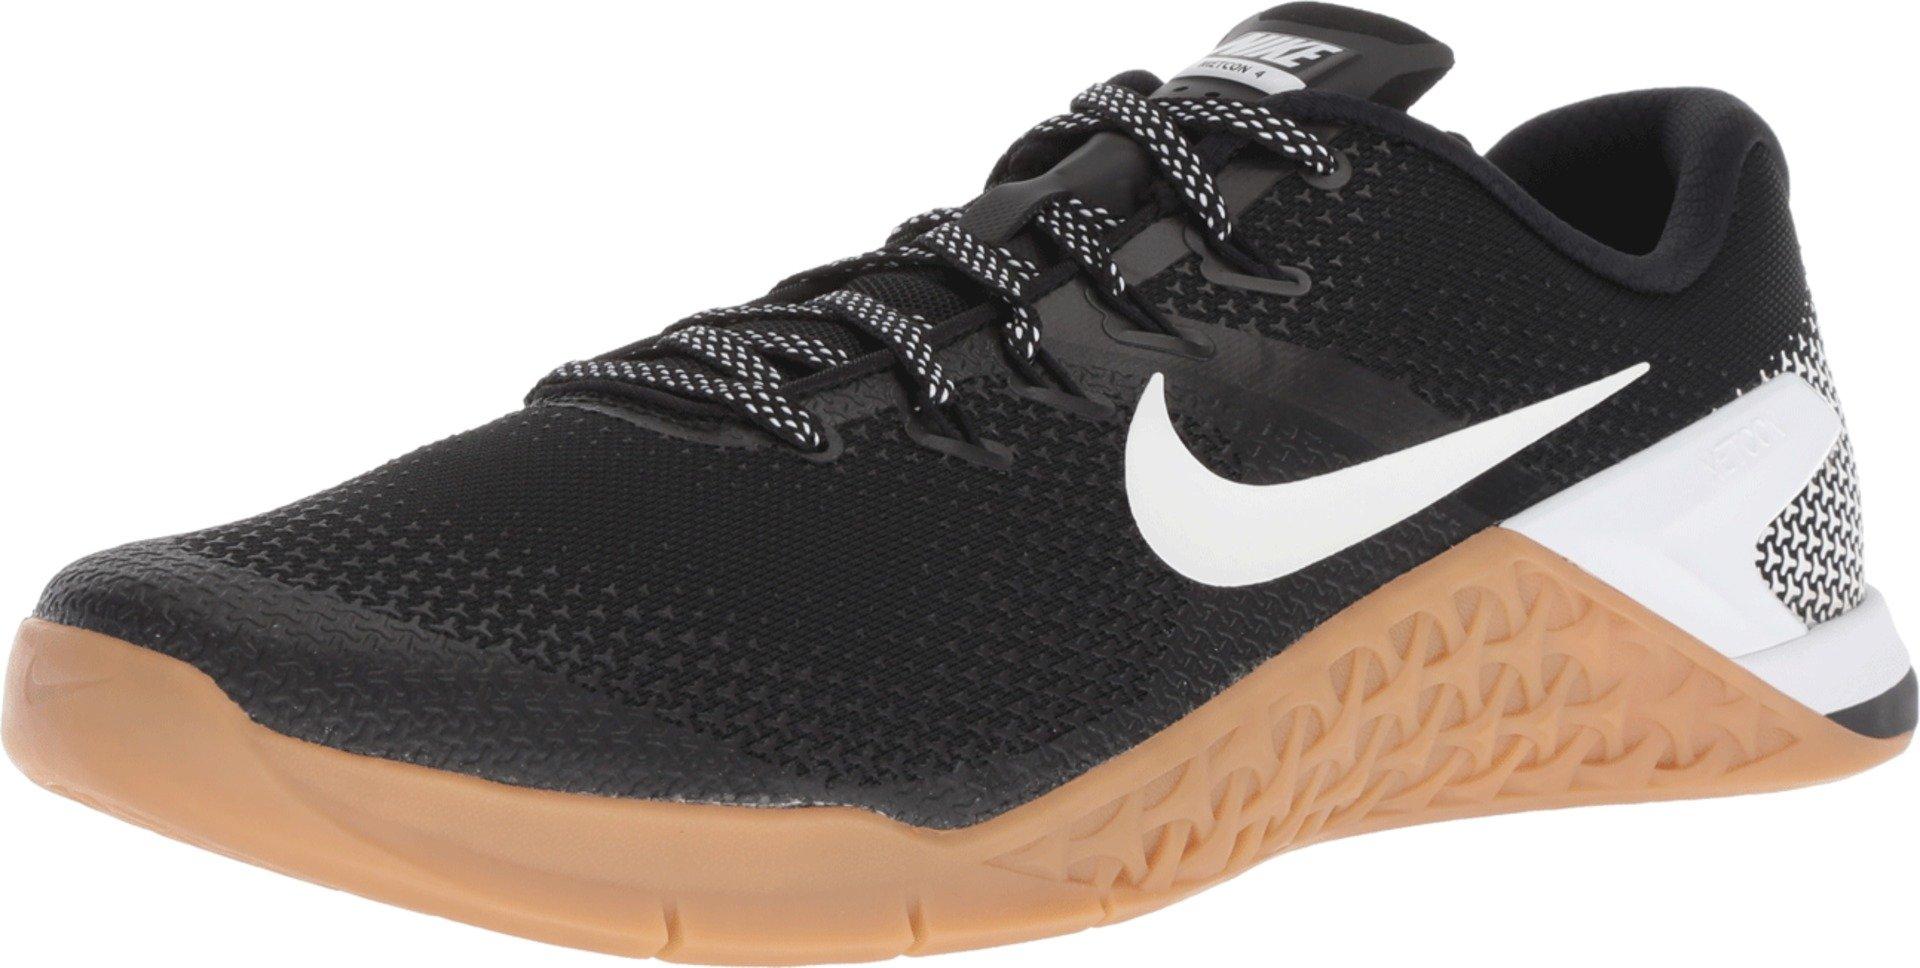 Nike Men's Metcon 4 Training Shoe Black/White-Gum MED Brown 7.0